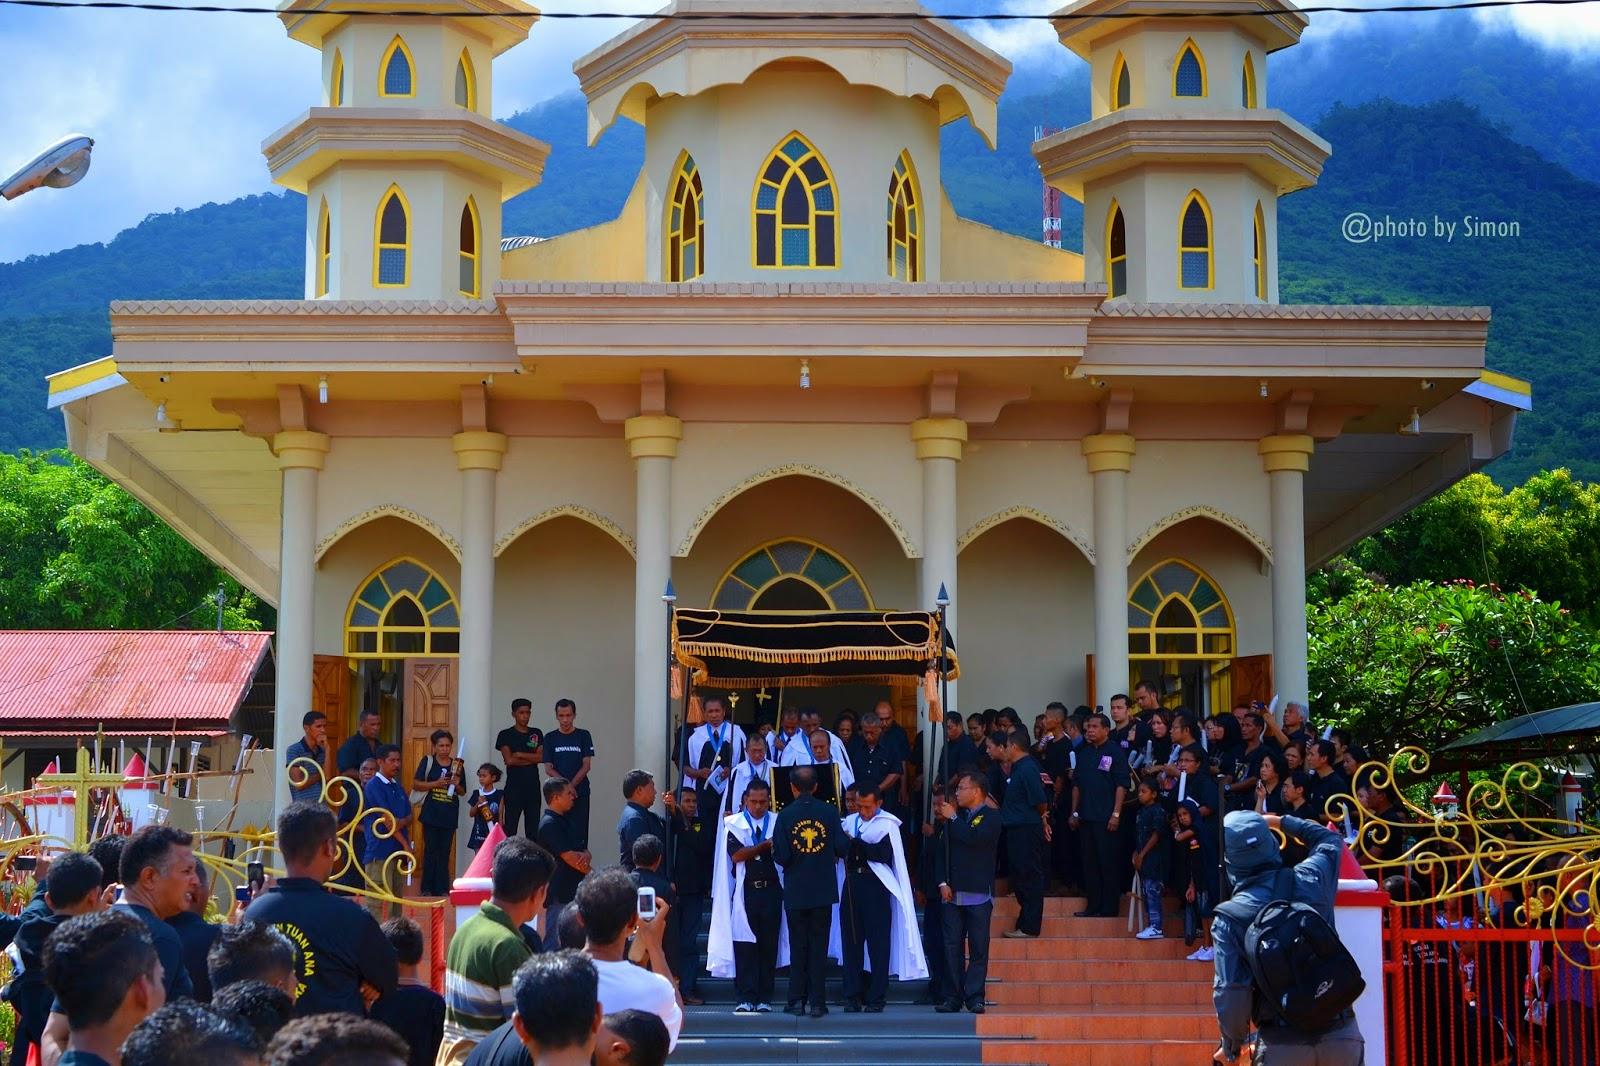 Lanjutan : Sejarah Kapela Tuan Ana